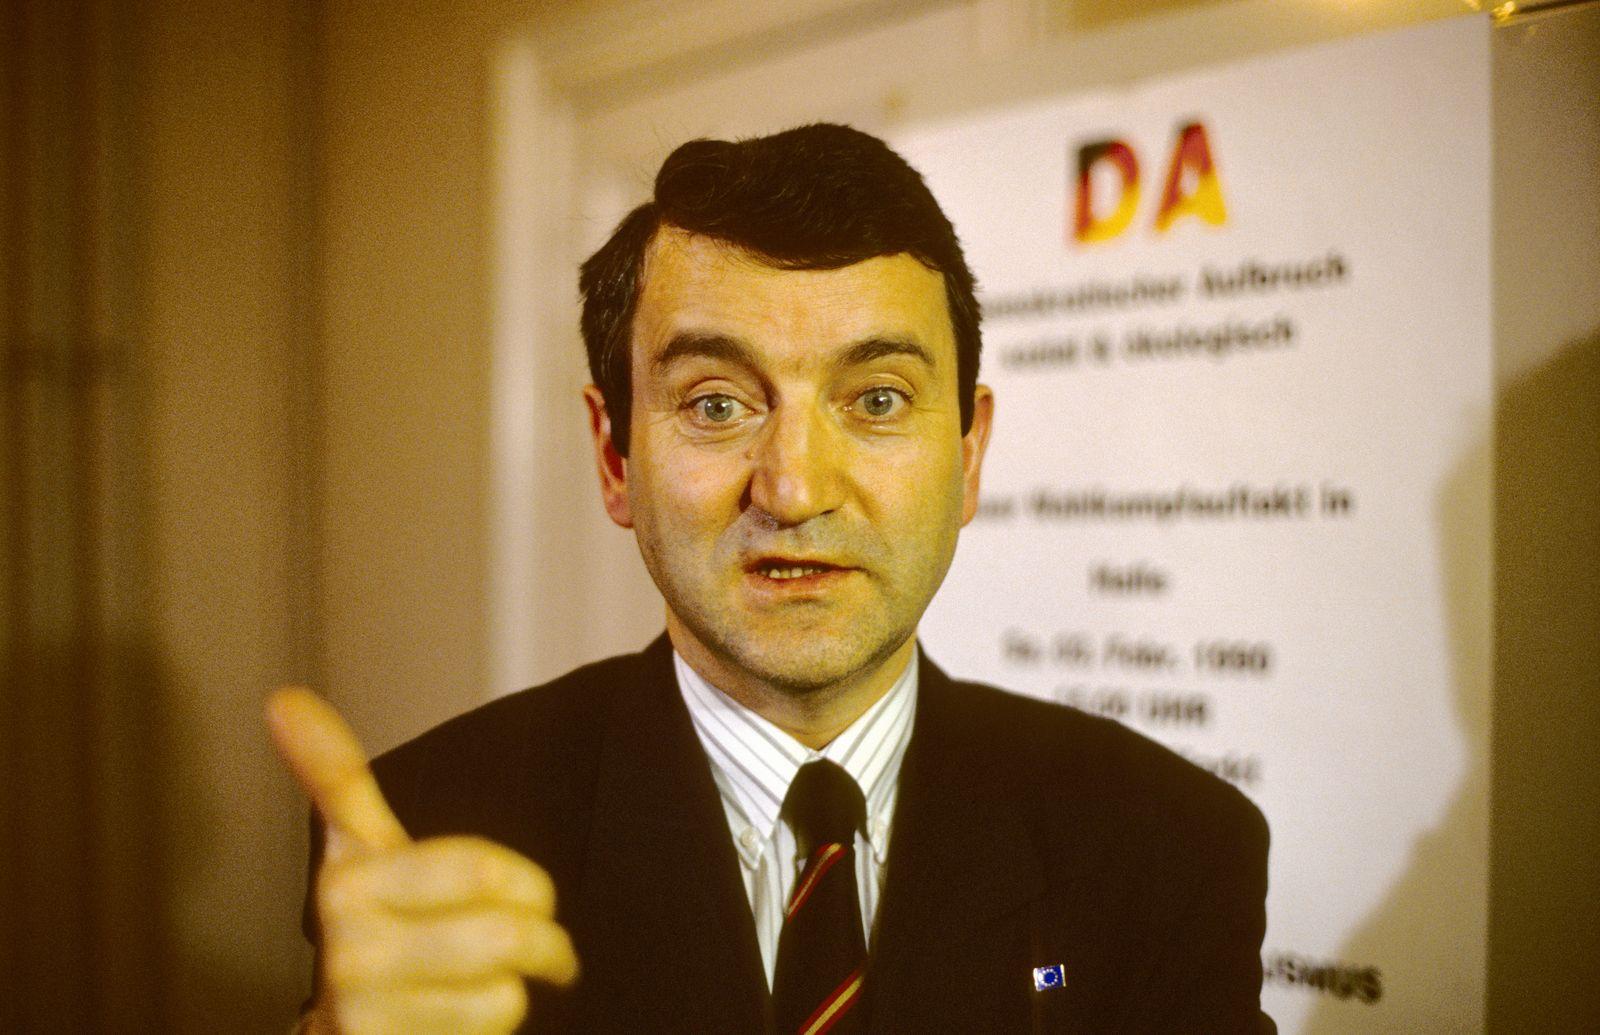 Volkskammerwahl 1990 - Neue Partein im DDR Wahlkampf